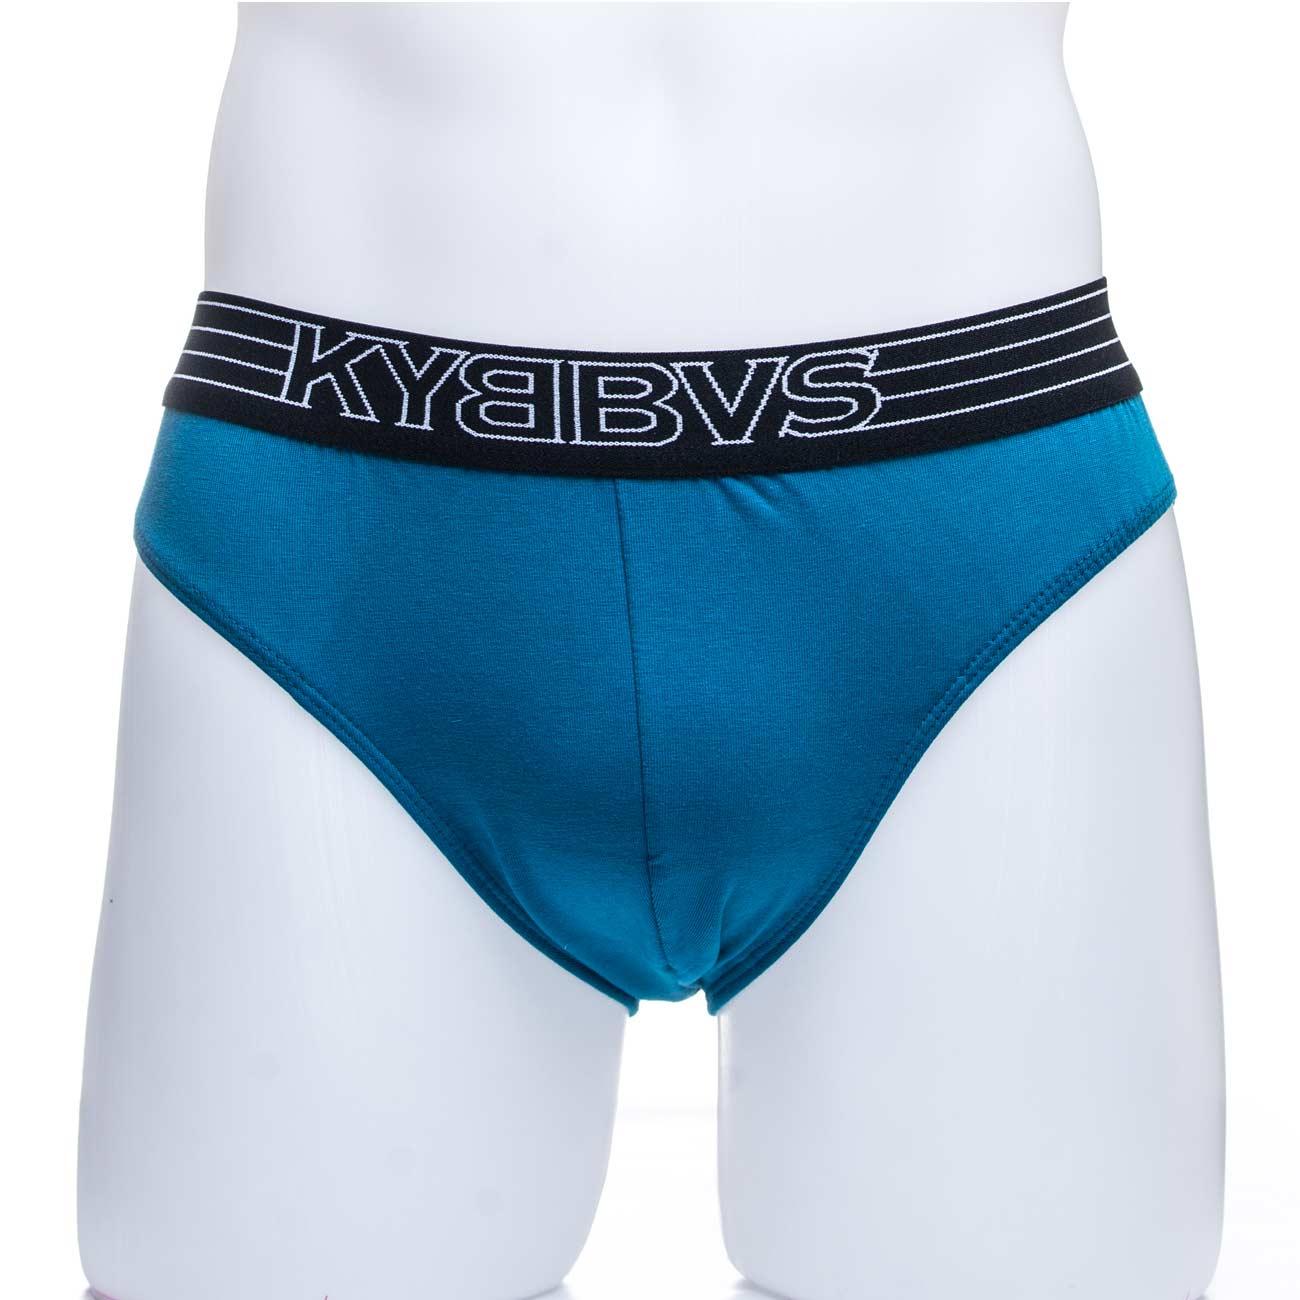 Ανδρικό Slip Kybbus - 996 μαύρο